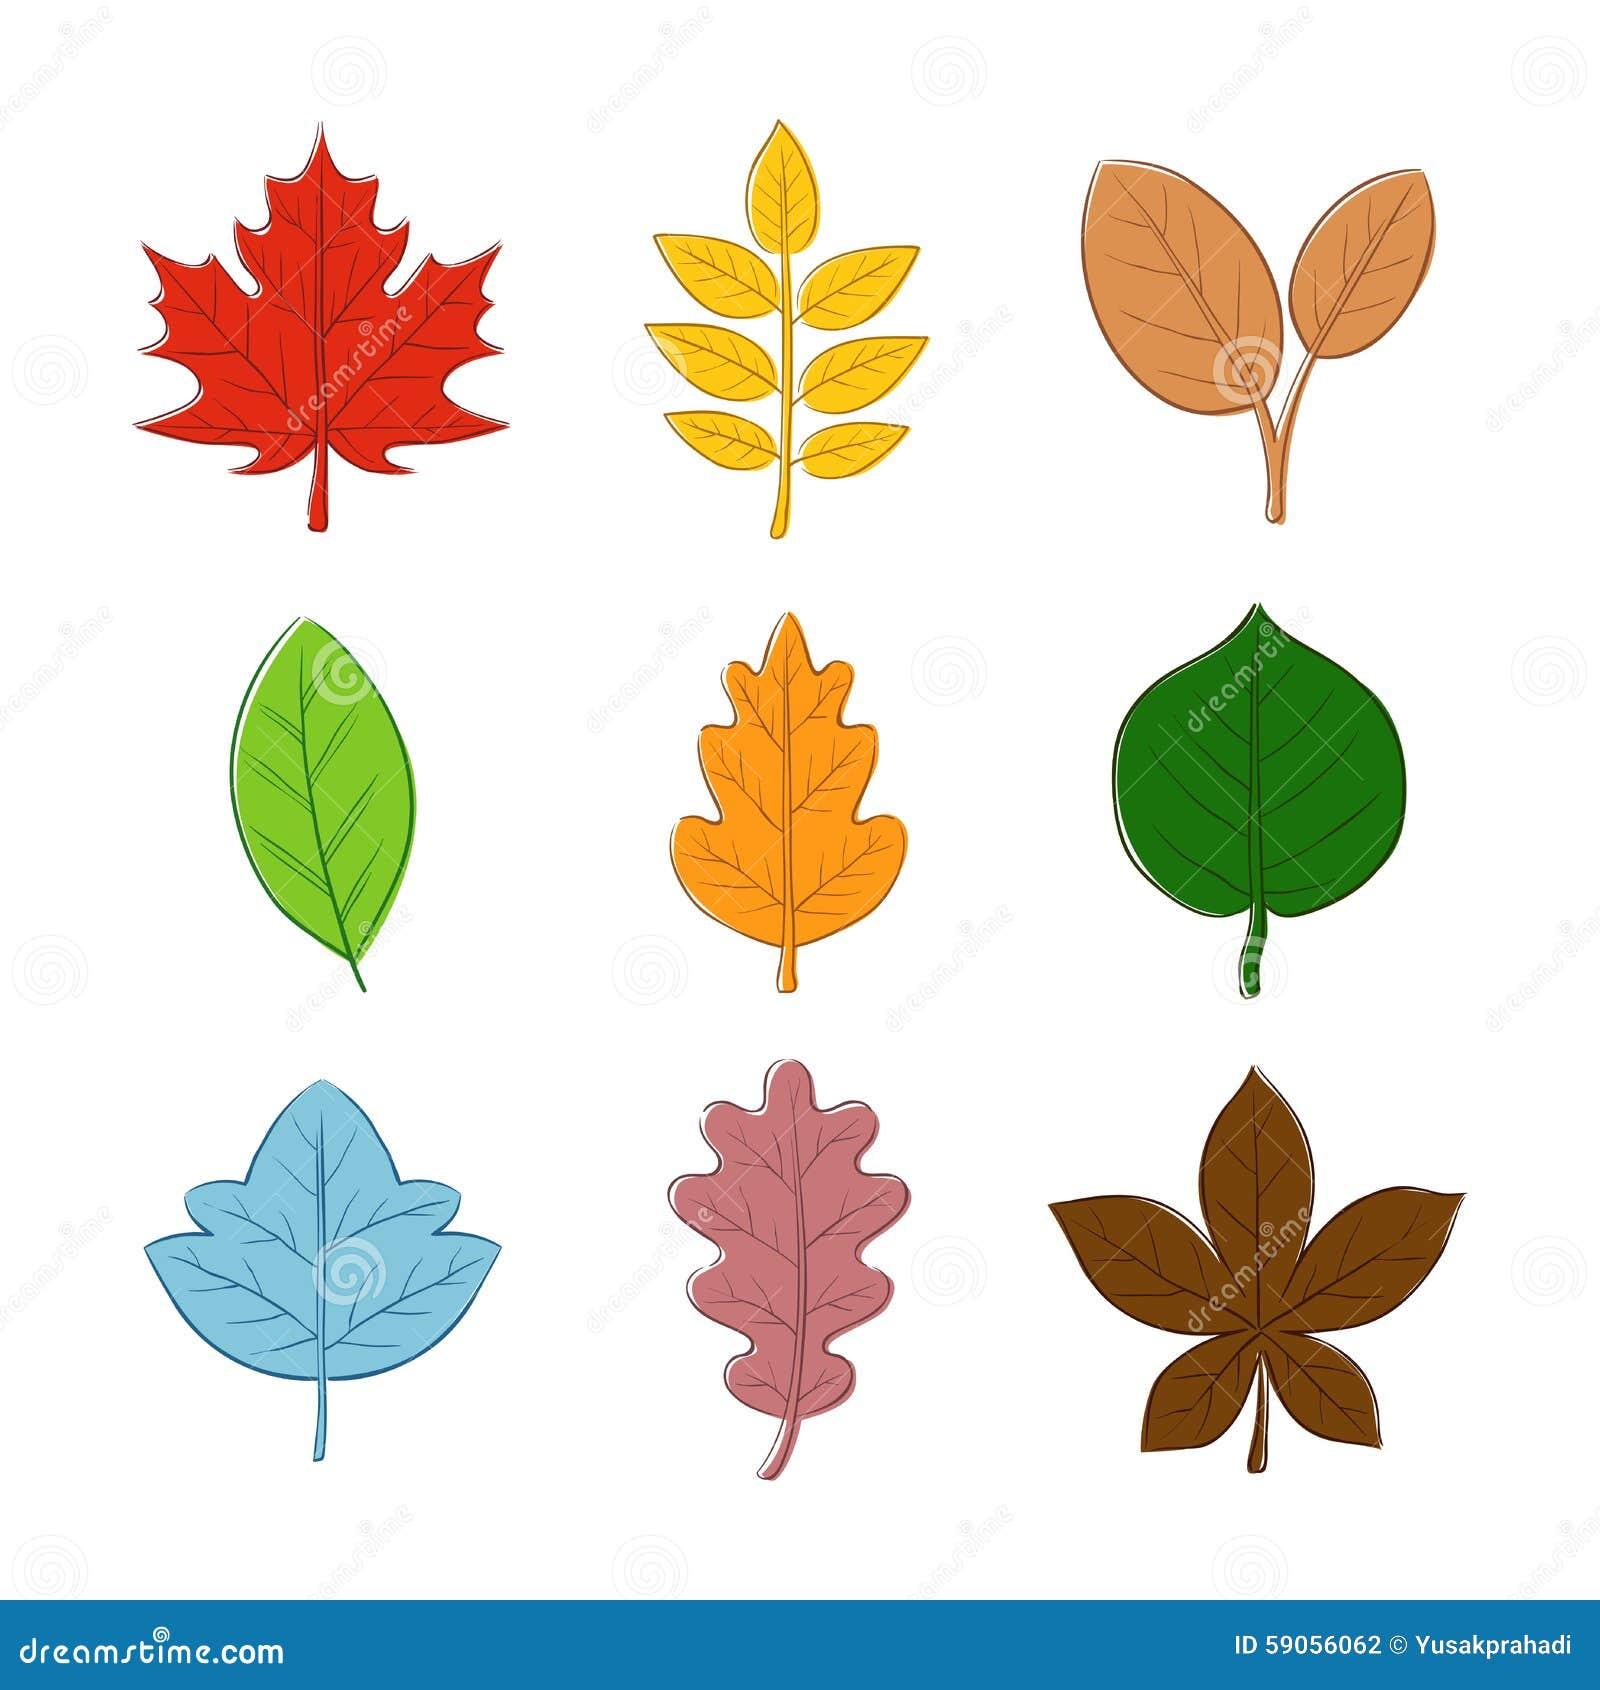 为什么叶子的形状是各种各样的?图片